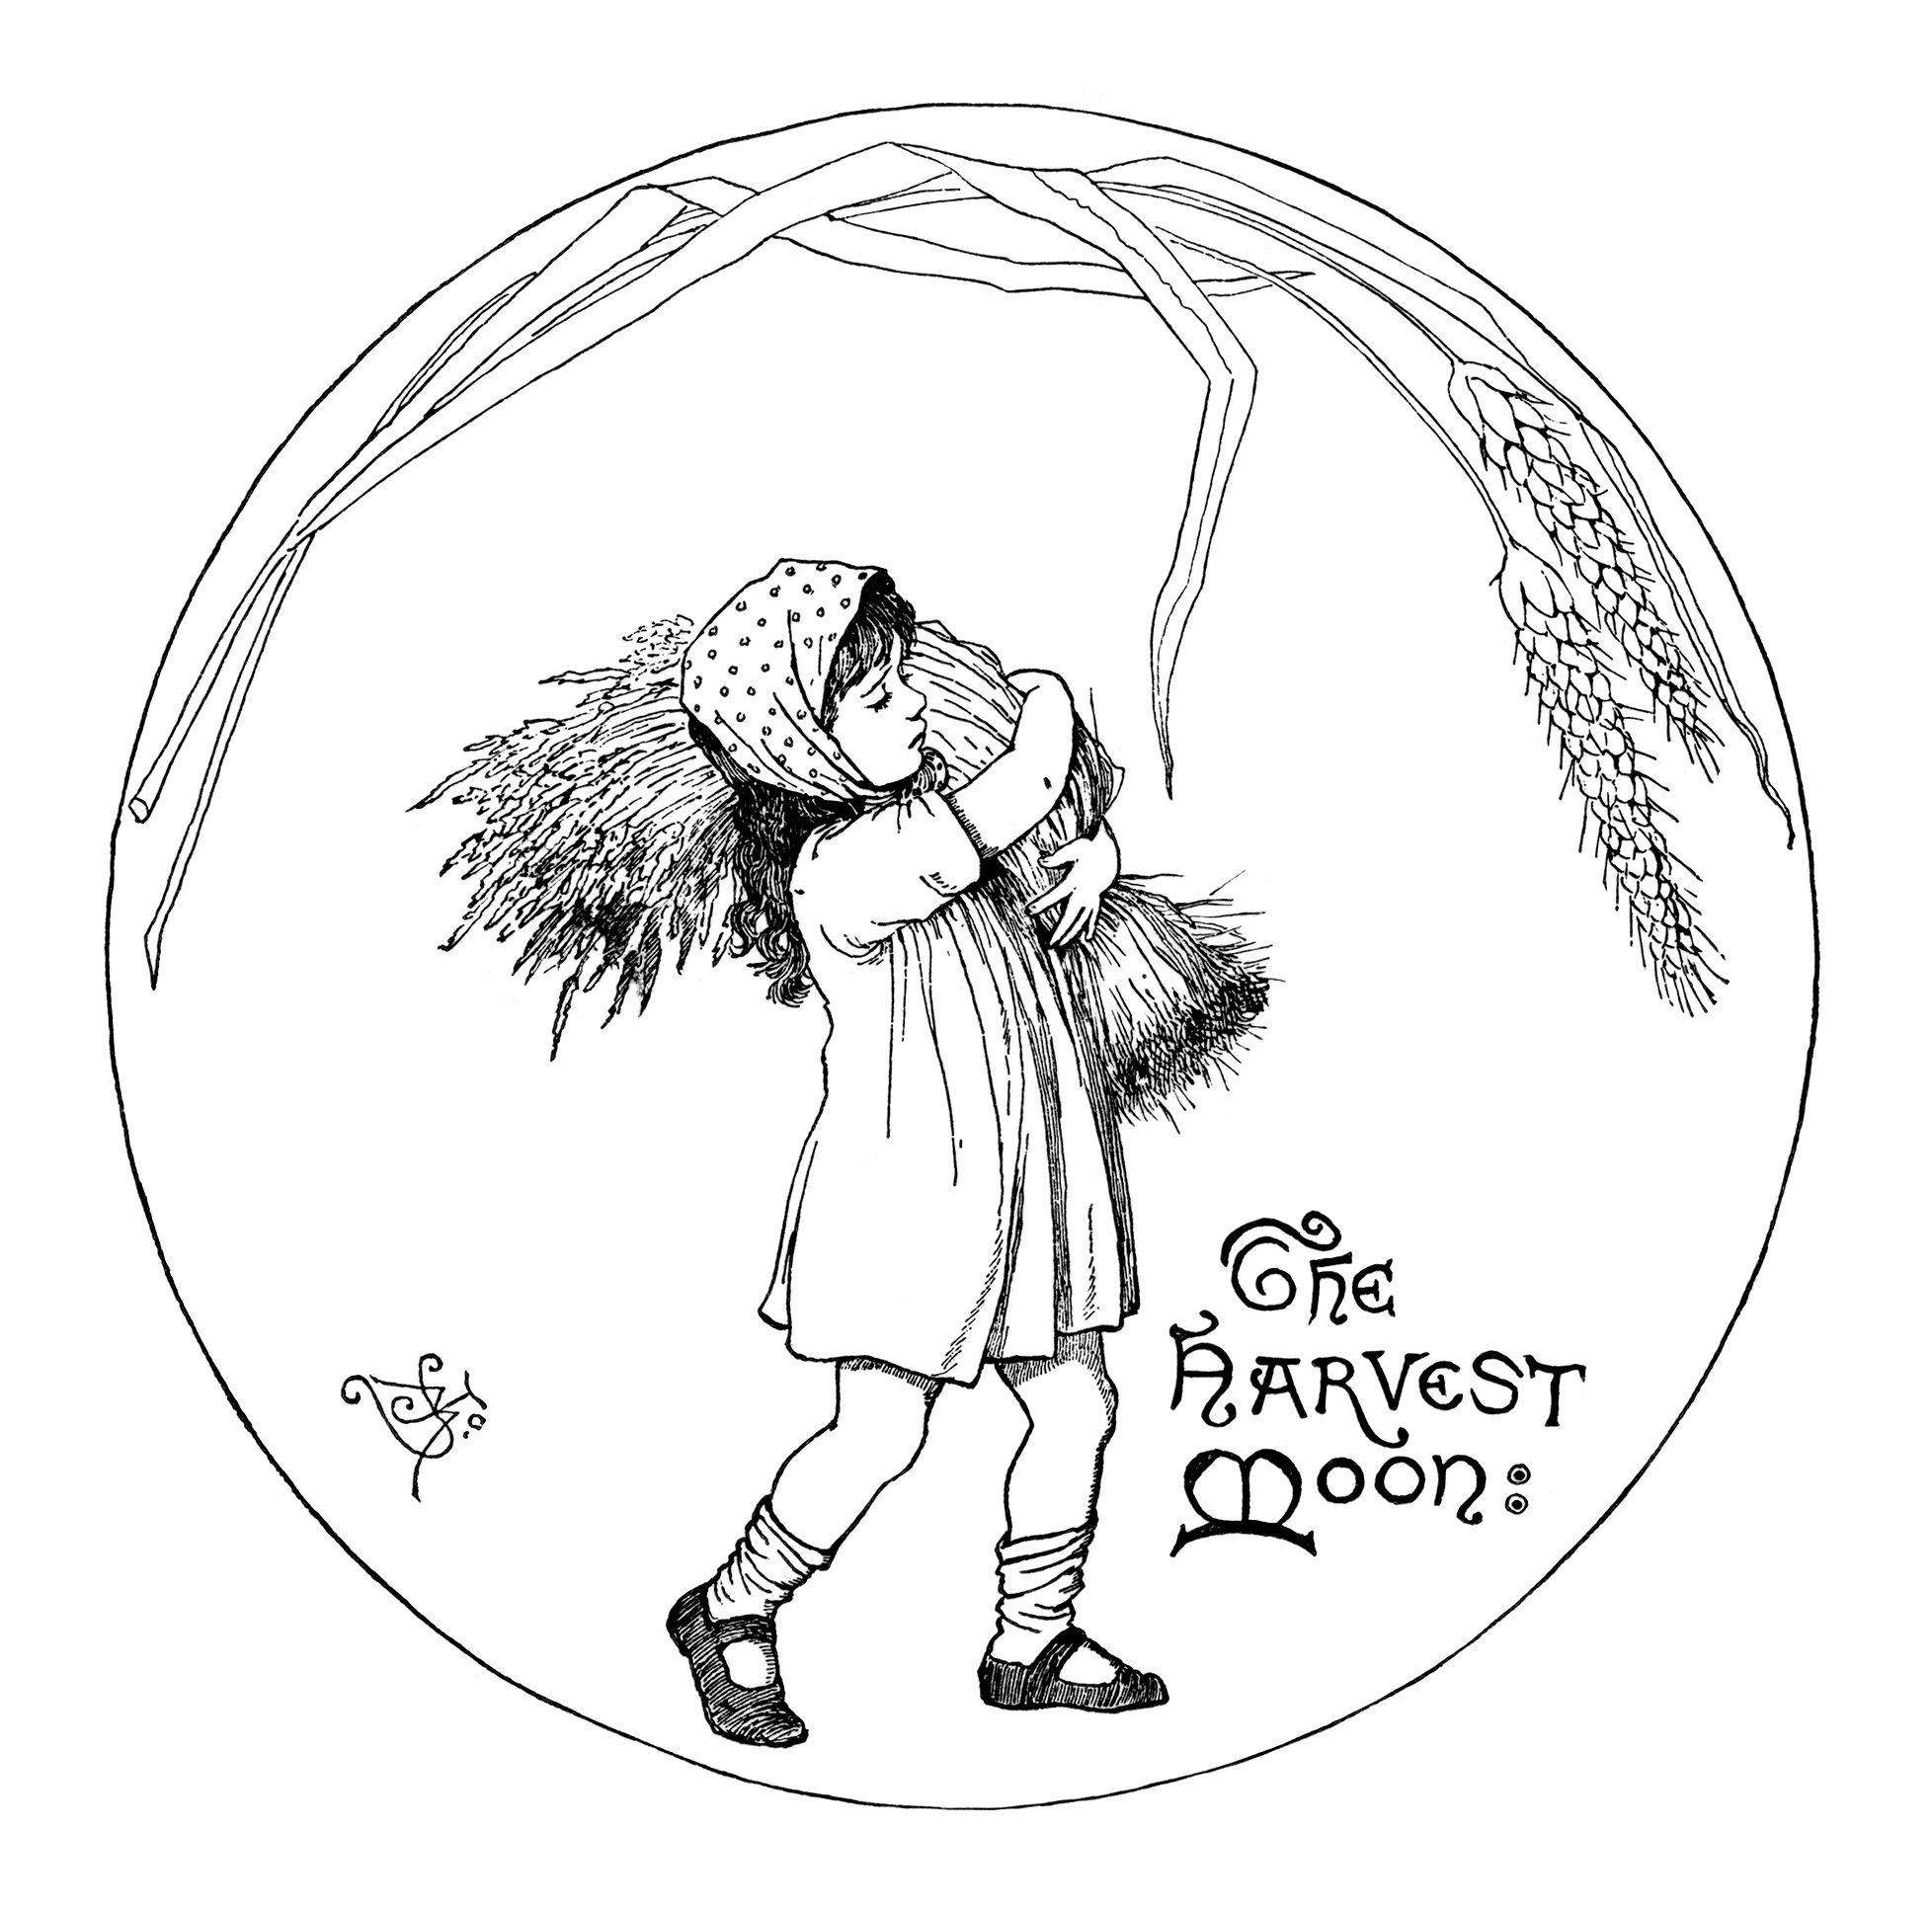 Harvest Moon Illustration Vintage Fall Graphics Black